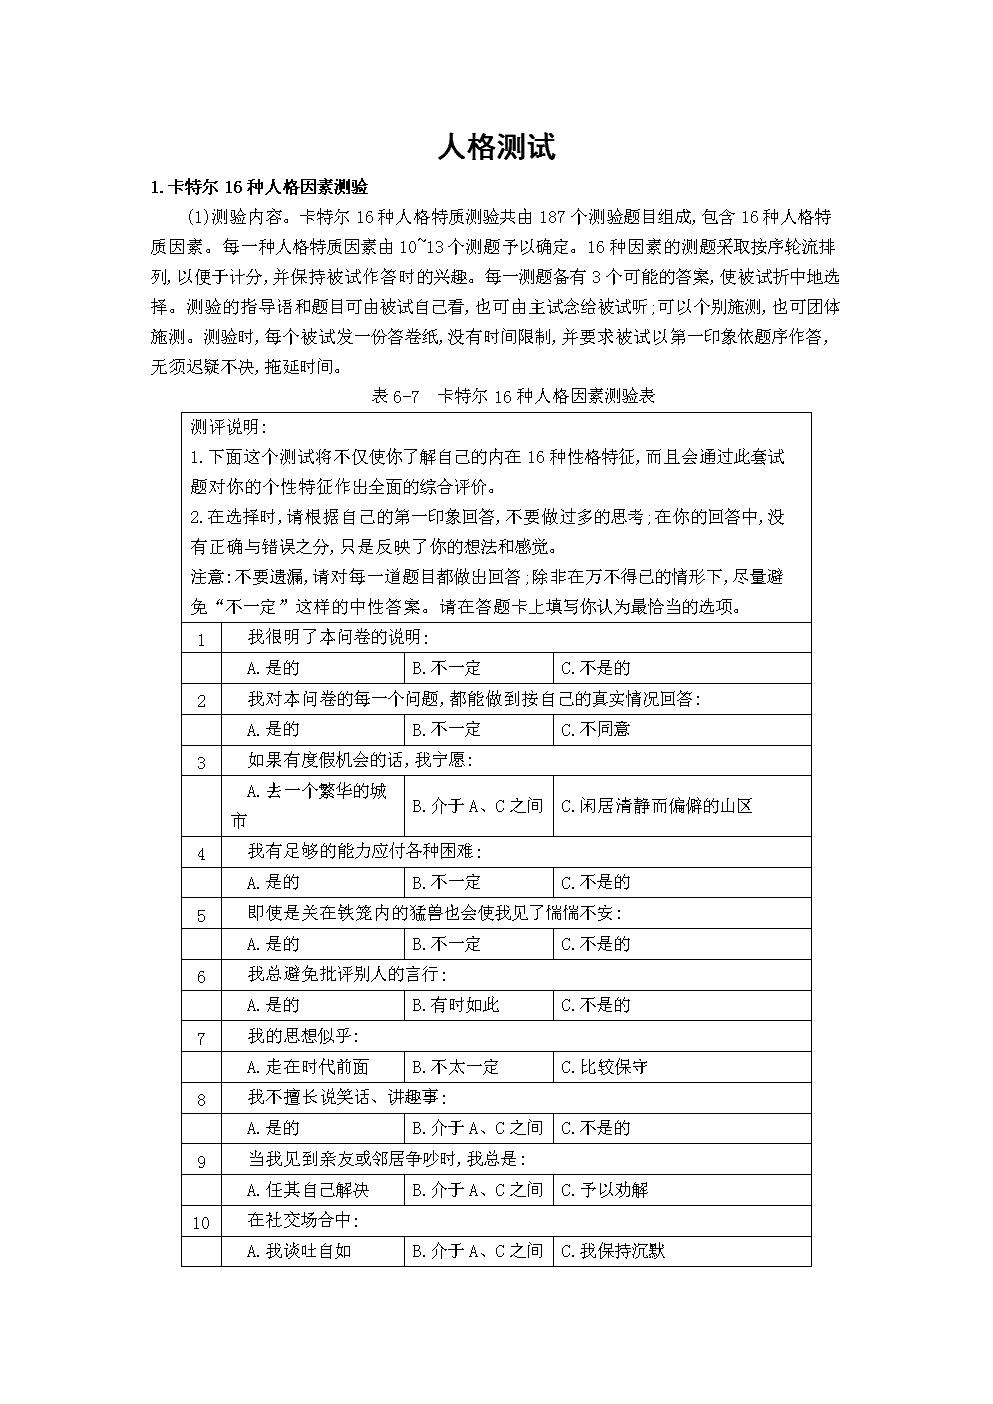 卡特尔16种人格因素测验( 2 )(答案).doc